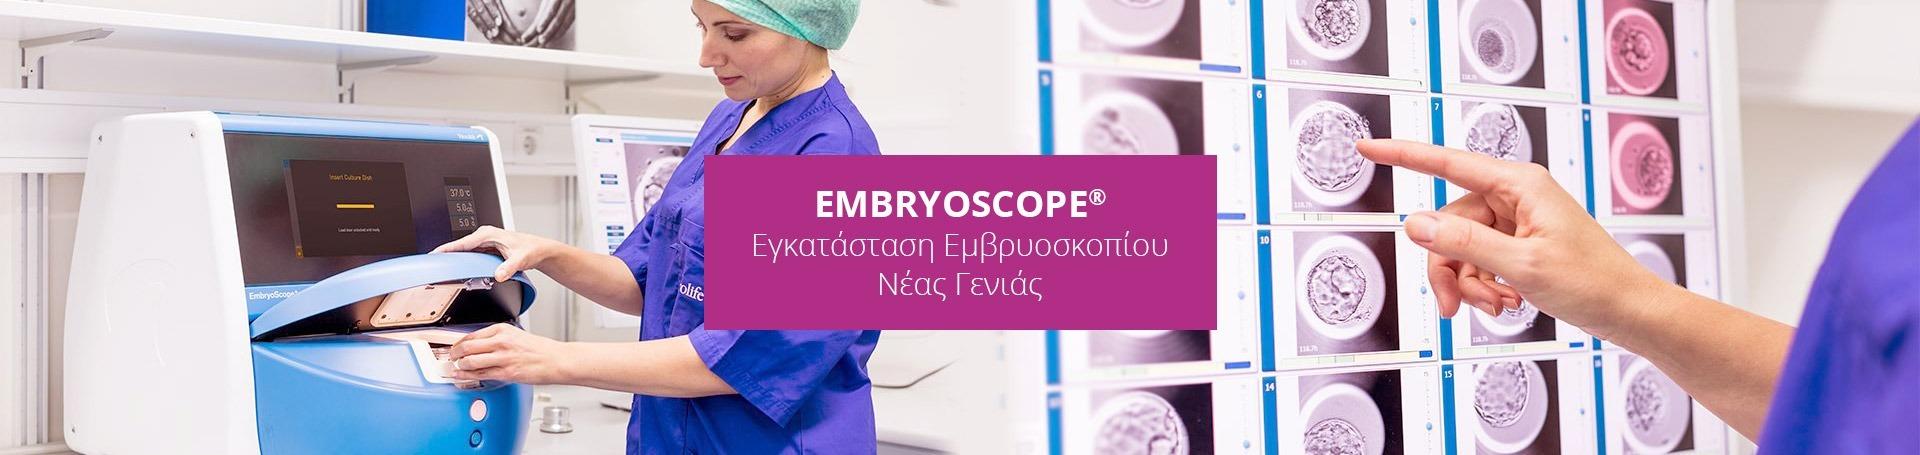 Εμβρυοσκόπιο